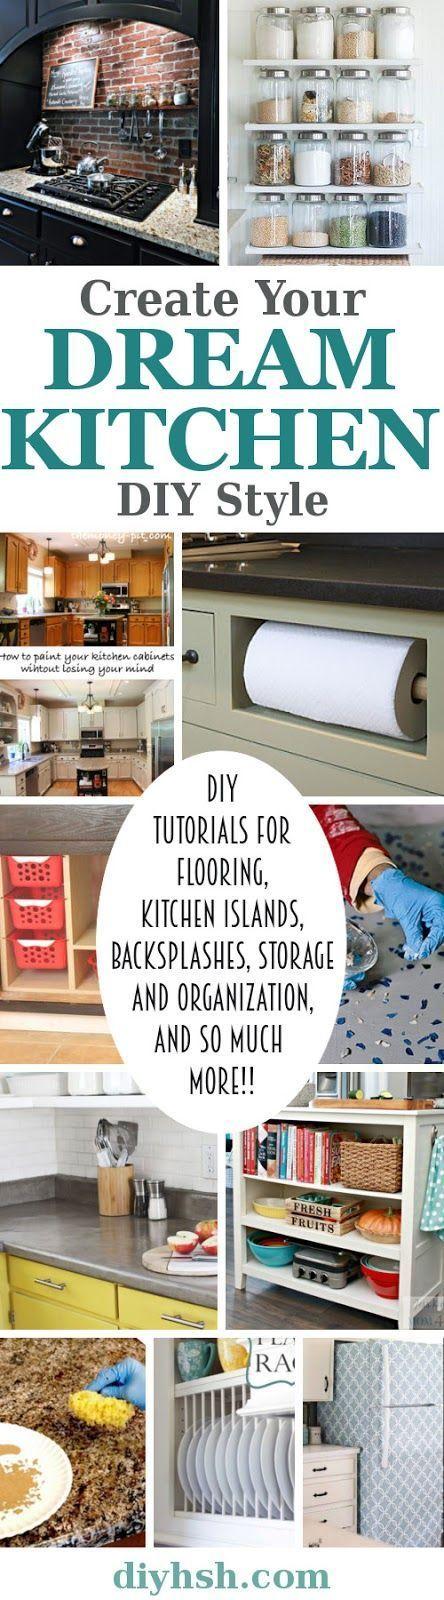 Fantastisch Billige Wege Küchenschränke Wiederholen Ideen - Küchen ...